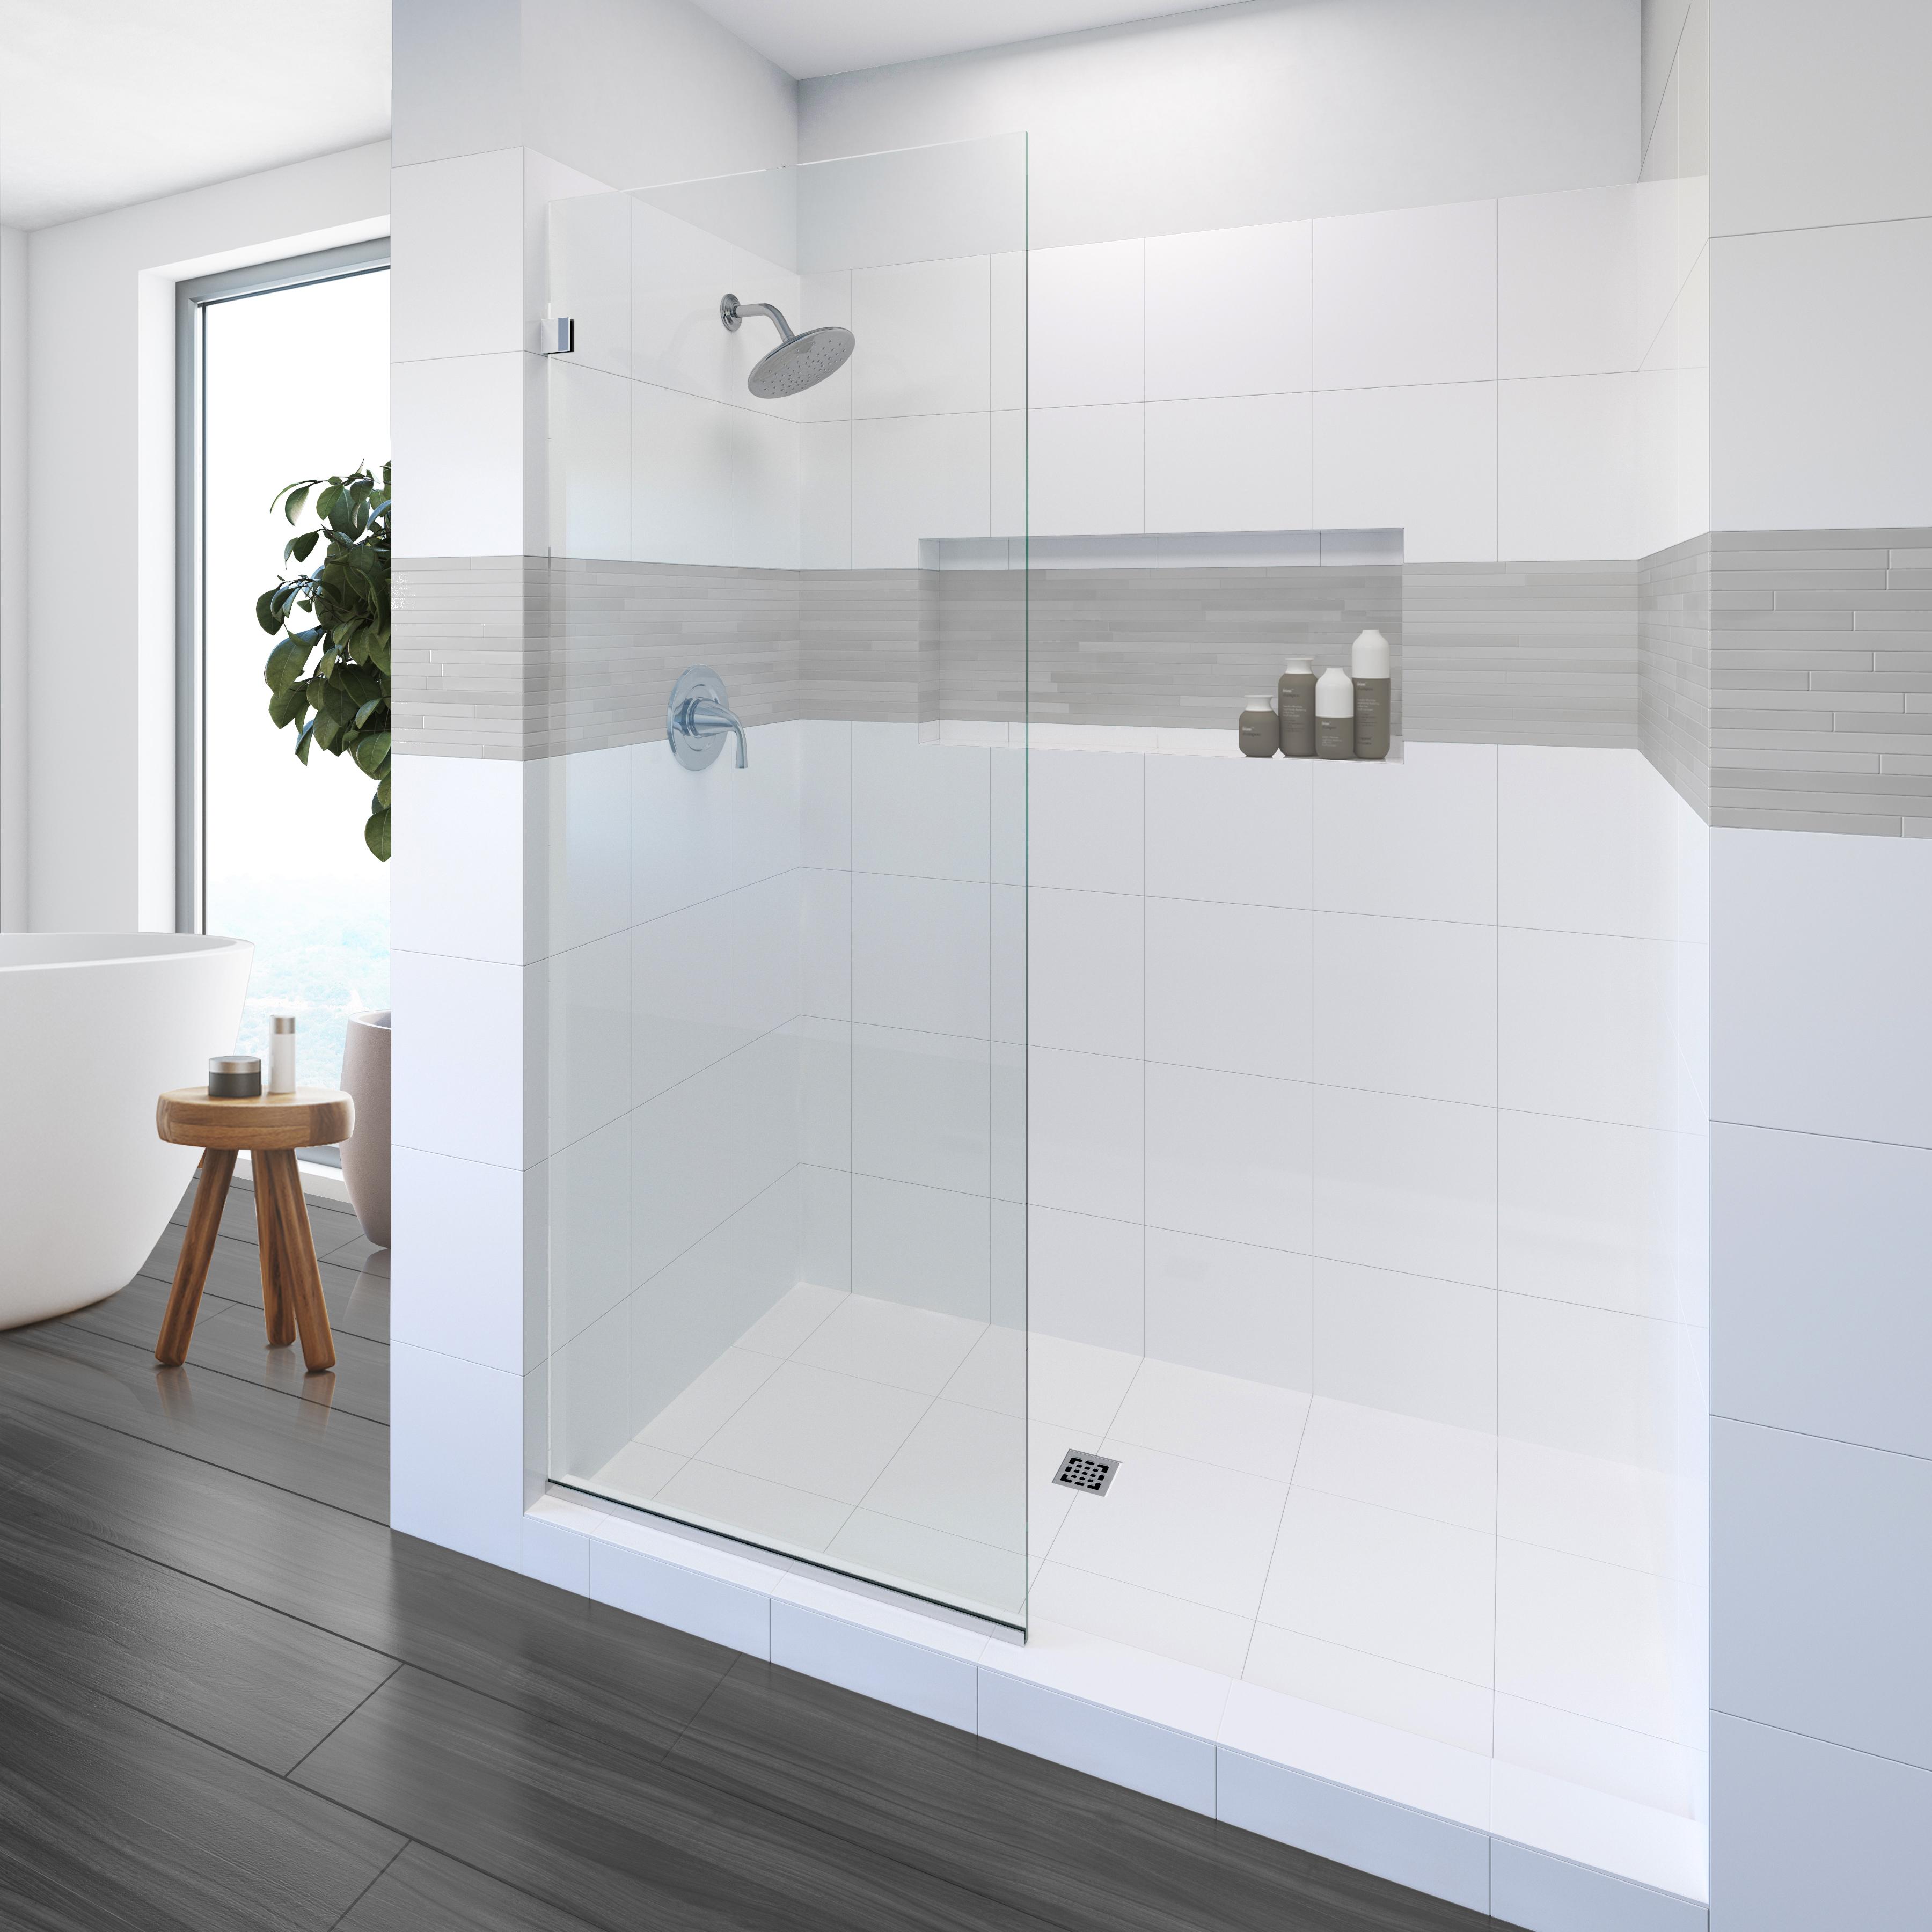 Geolux Frameless 3 8 Inch Glass Shower Screen Basco Shower Doors